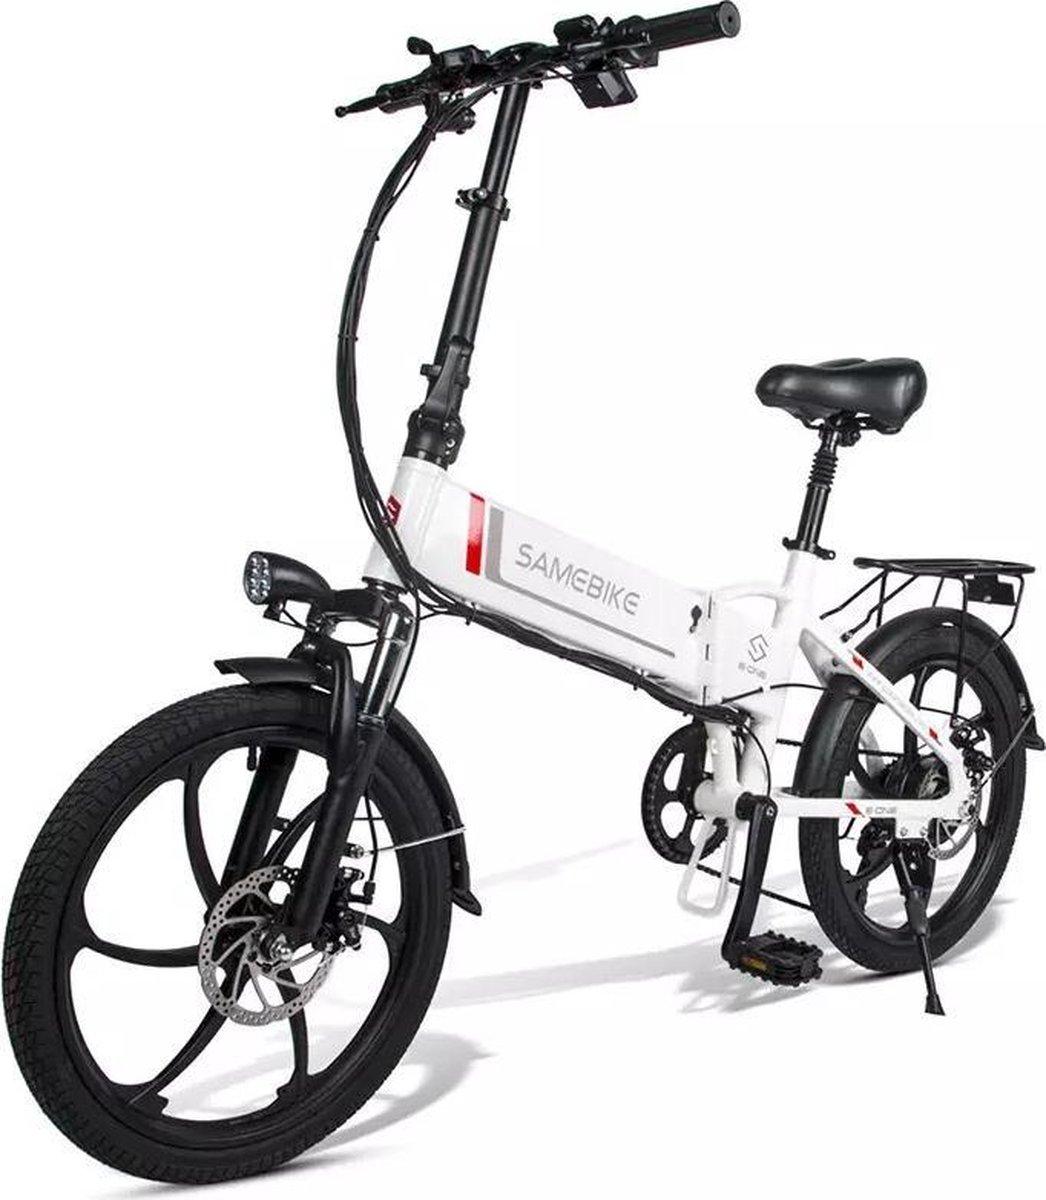 Matrix E Bike - Samebike Elektrische vouwfiet - Shimano 7 speed derailleur - 48V/8Ah lithium batteri